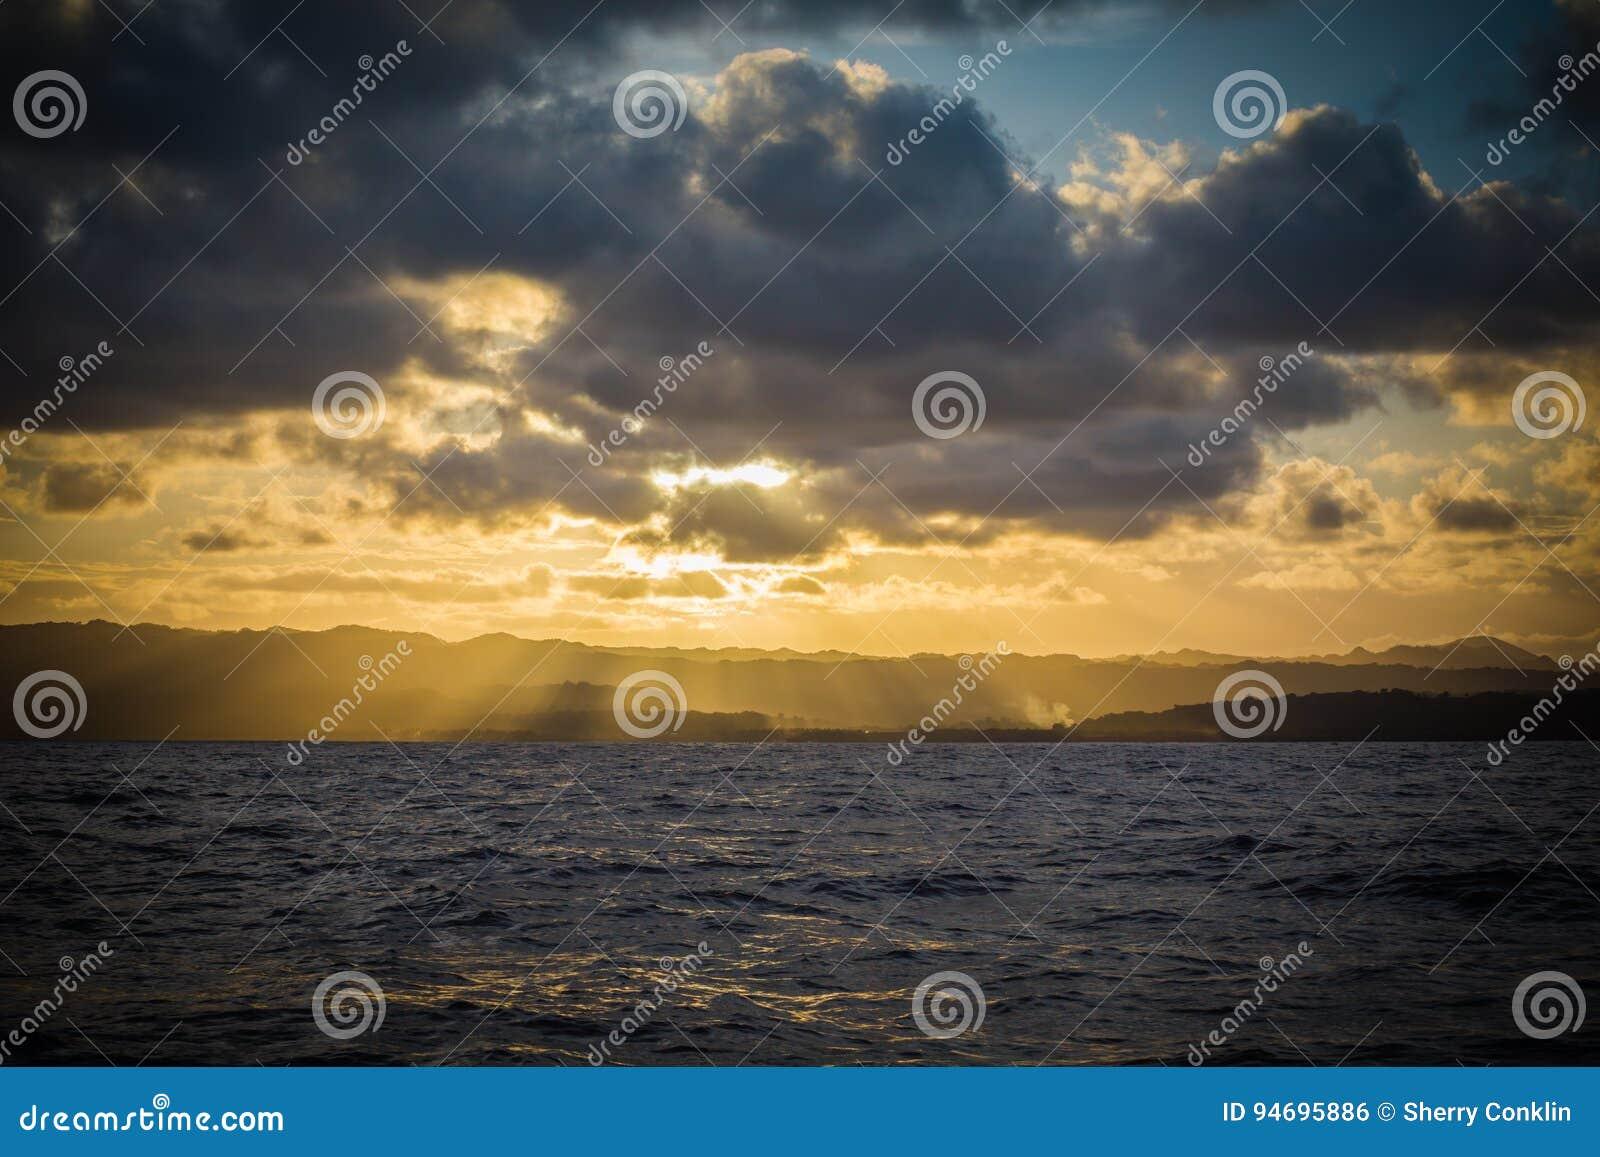 Zon over eilandbergen wordt geplaatst van de oceaan die